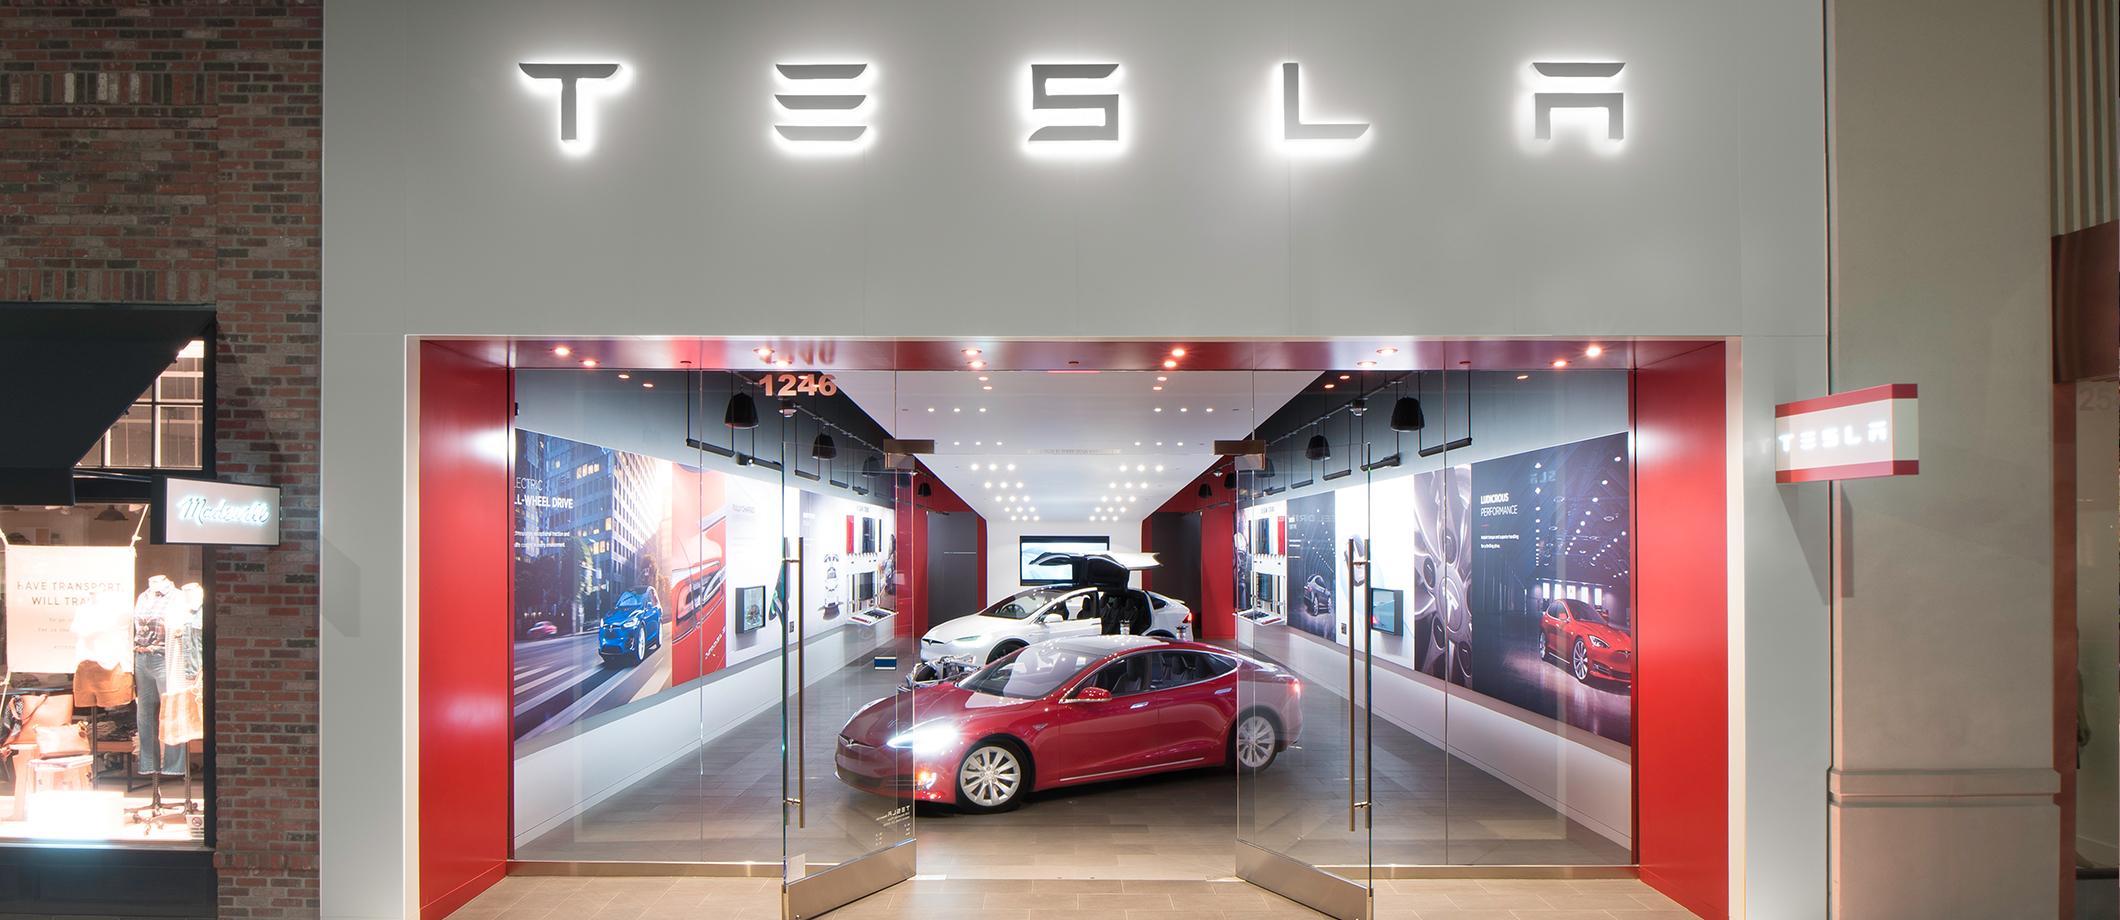 A Tesla retail store